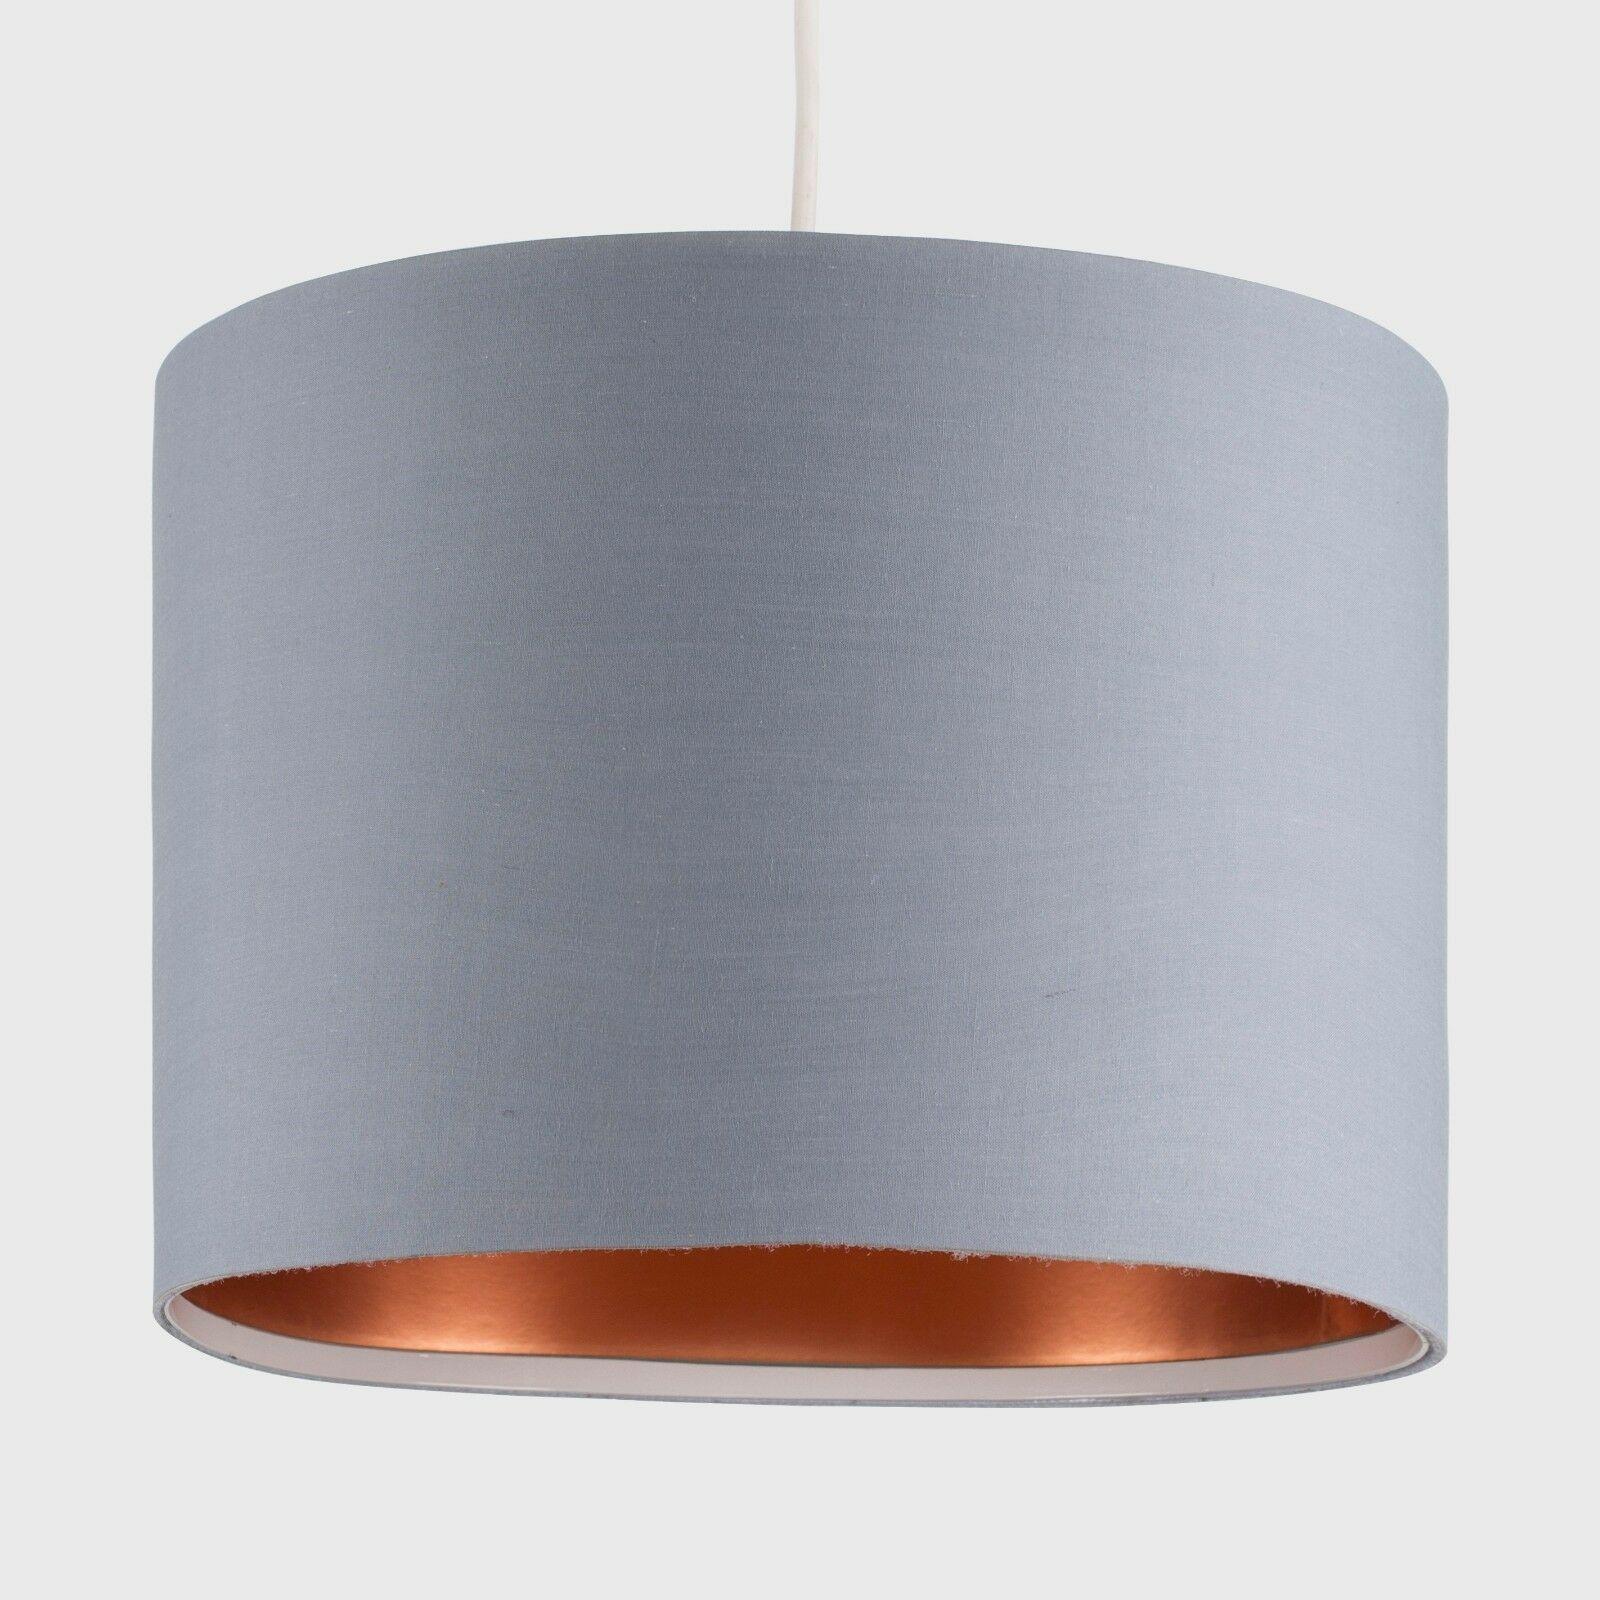 Modern-in-tessuto-cotone-Easy-Fit-Soffitto-Ciondolo-Luce-a-tamburo-Tonalita-Tavolo-Paralume miniatura 131